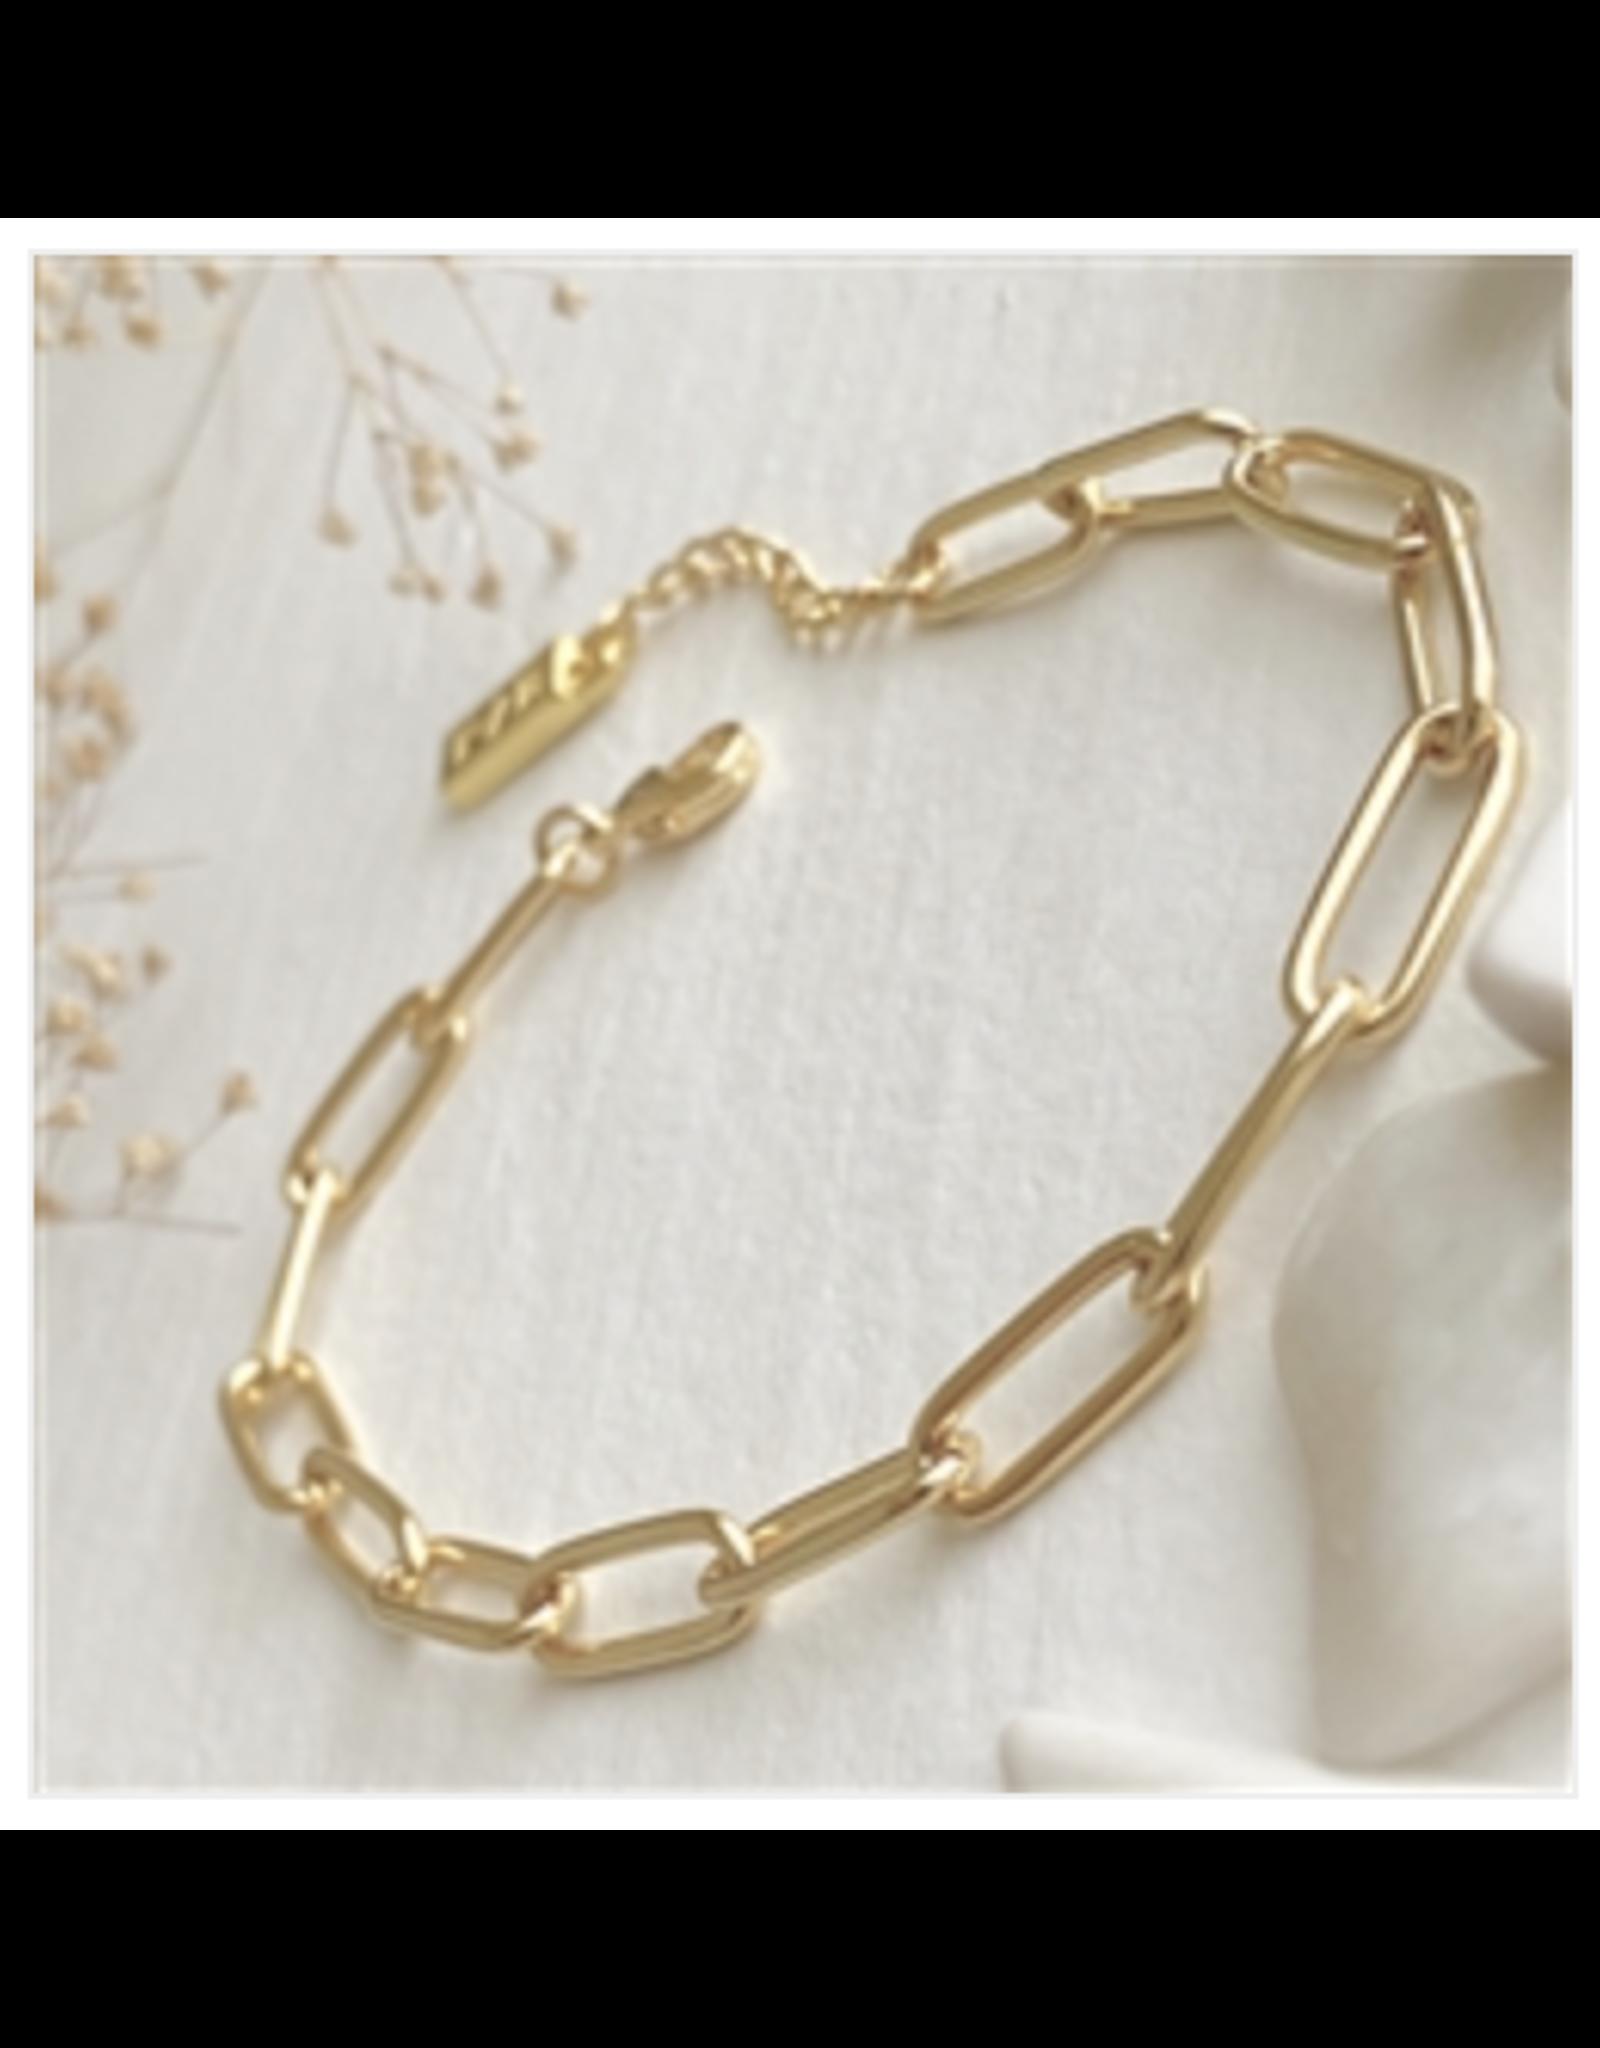 Montmartre Paperclip Chain Bracelet - Gold